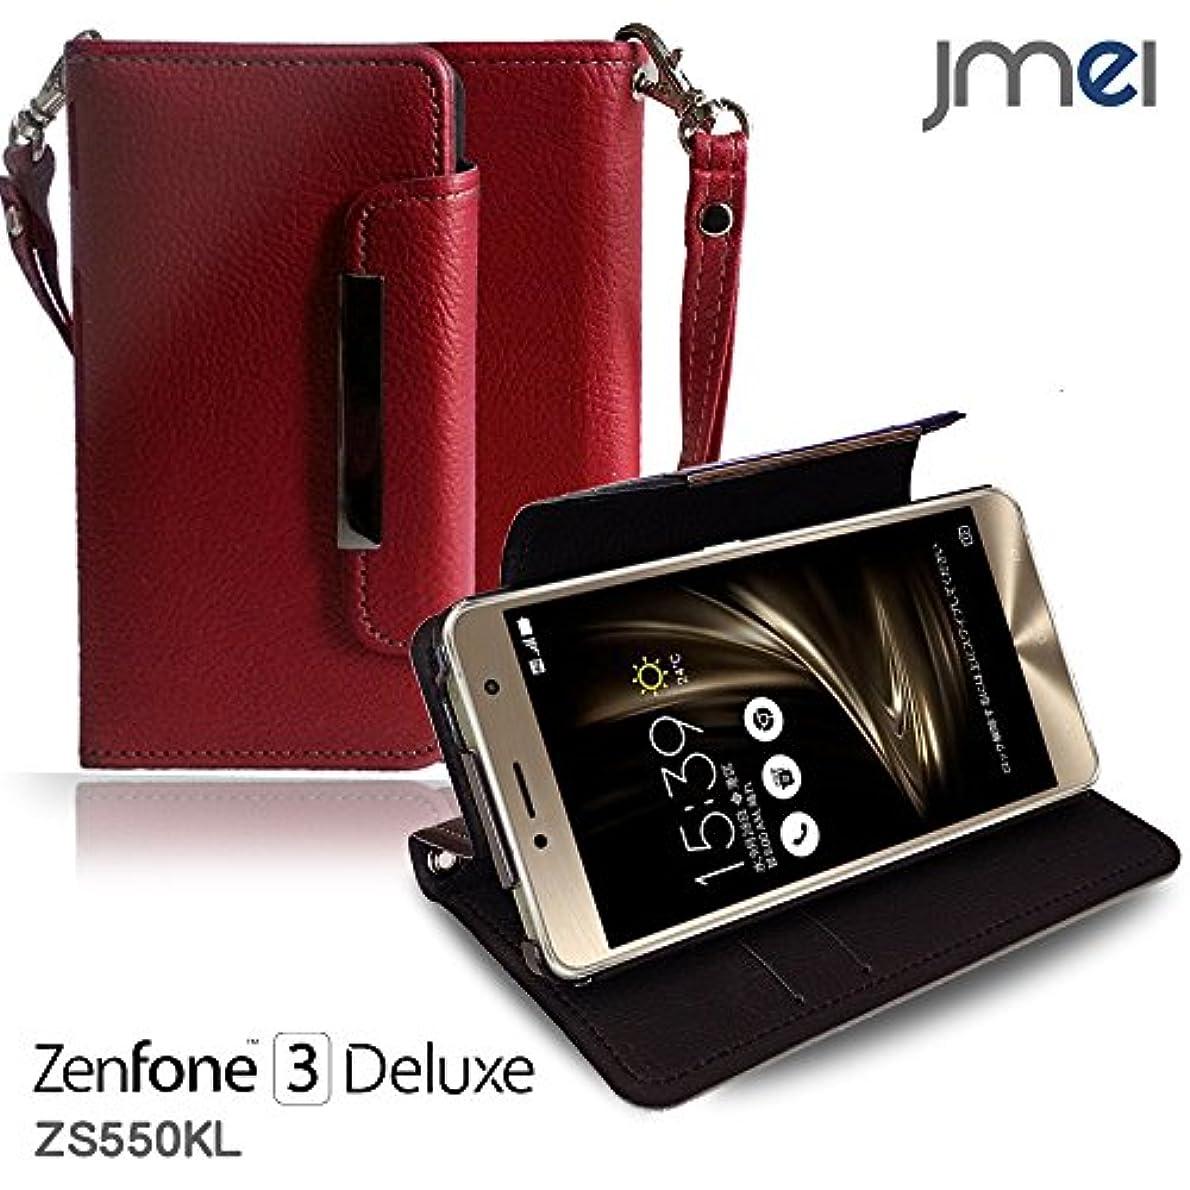 藤色マッシュ積極的にZenfone3 DELUXE ZS550KL カバー jmeiオリジナルレザー手帳カバー Dandy レッド(無地) ASUS ゼンフォン 3 デラックス UQ monbile simフリー スマホケース 手帳型 スマートフォン ケース